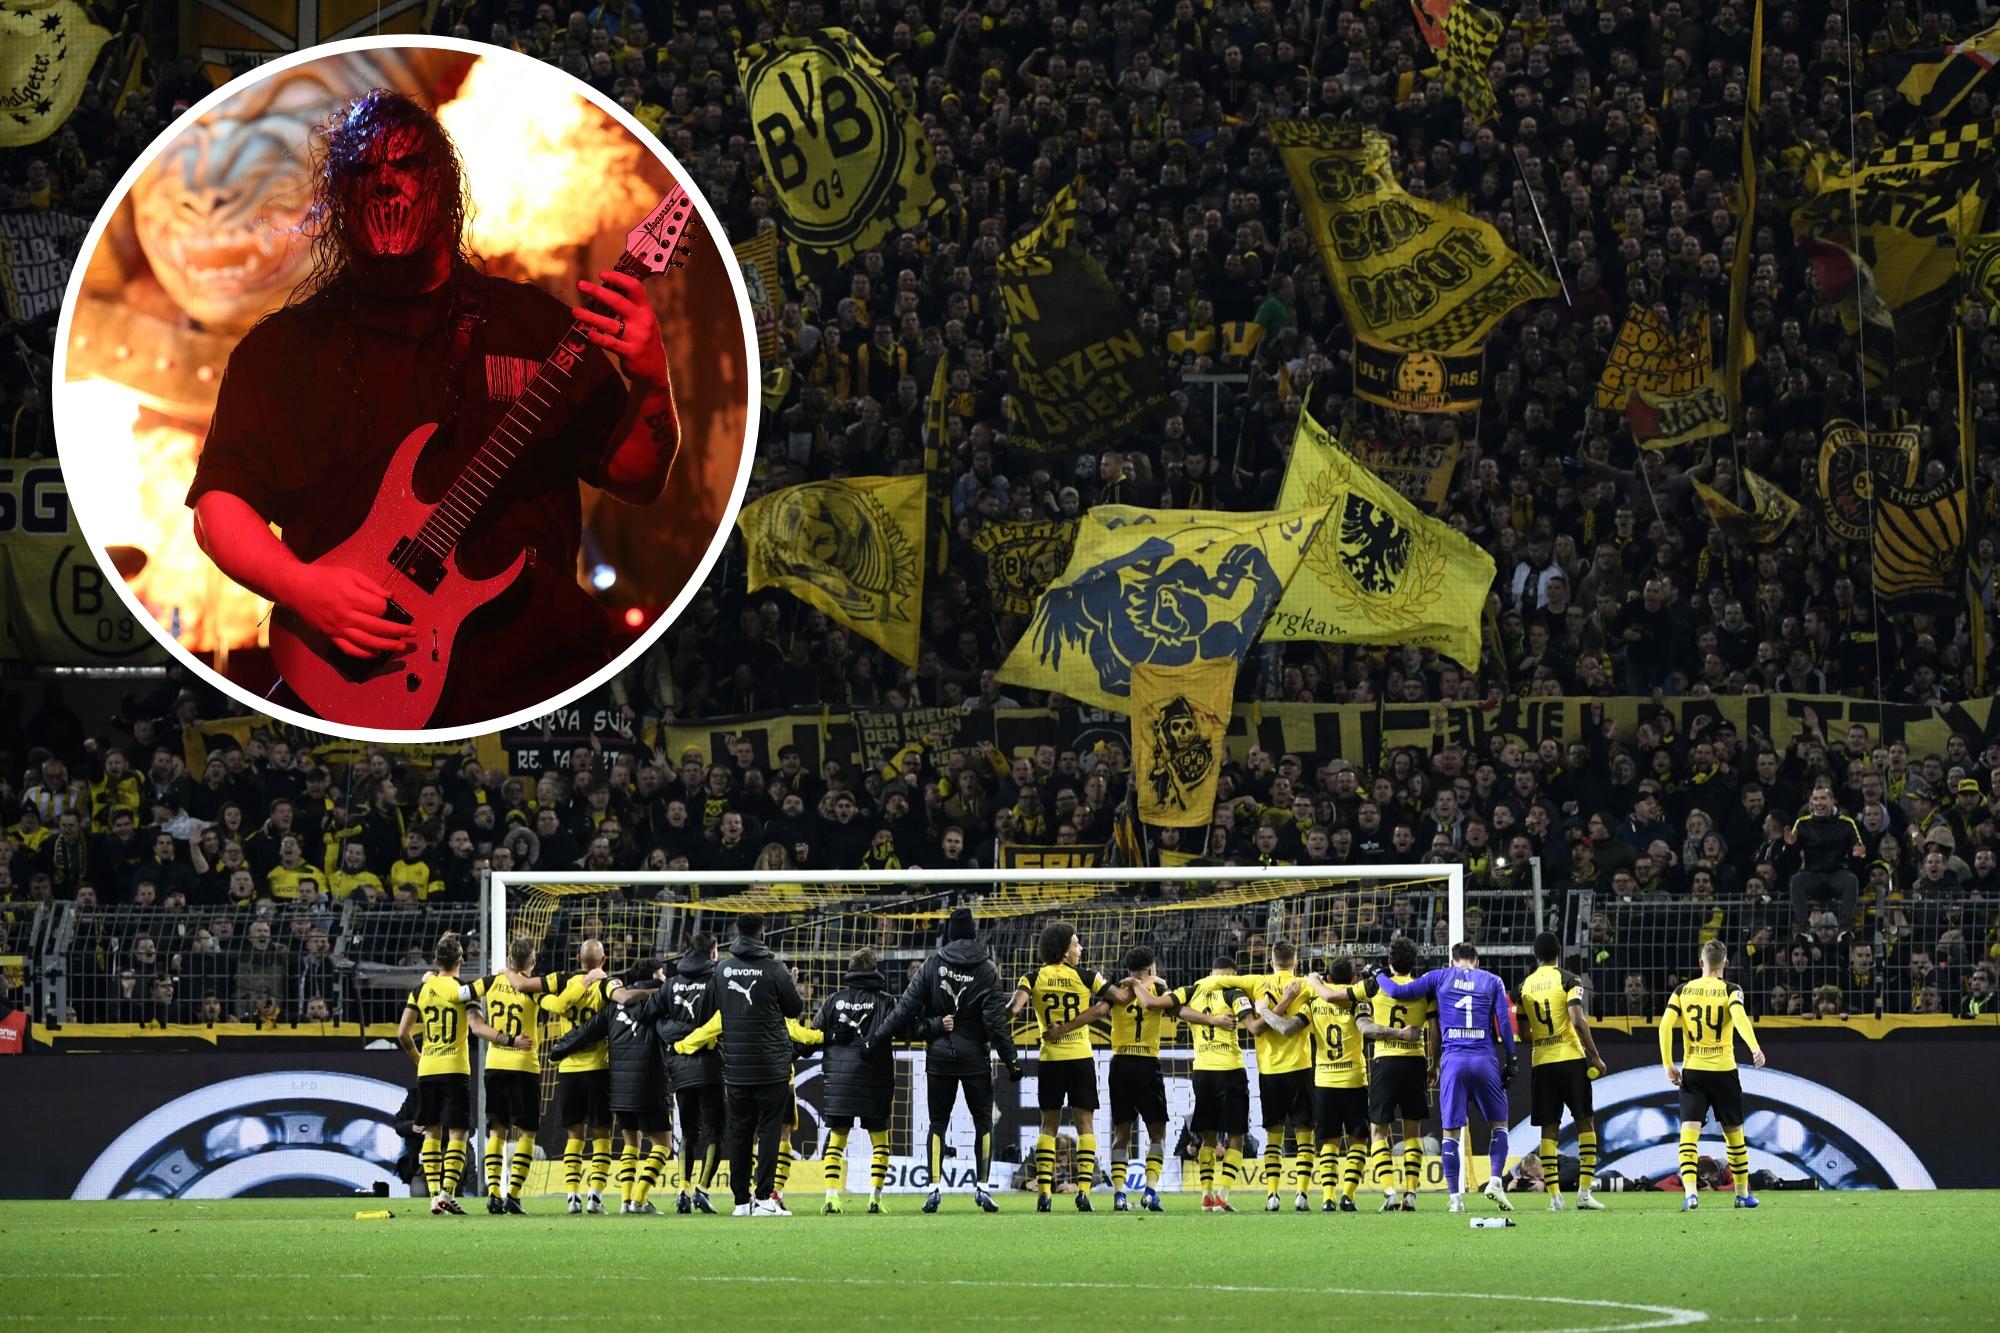 Währen der BVB gegen Paris antritt, spielt am Dienstag parallel Slipknot ein Konzert in den Westfalenhallen.